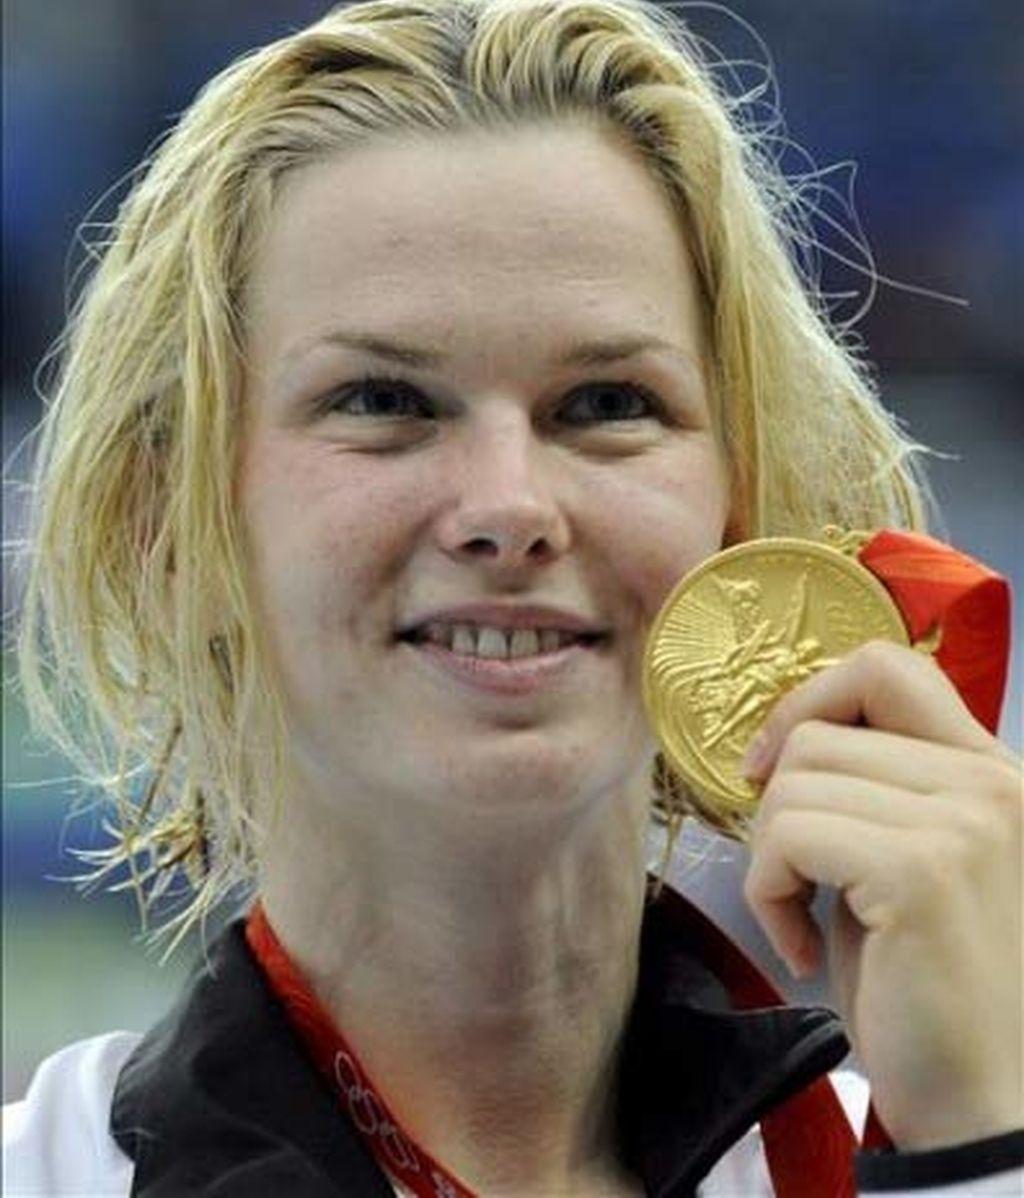 Britta Steffen dobla su medalla en los 50 metros libre de natación